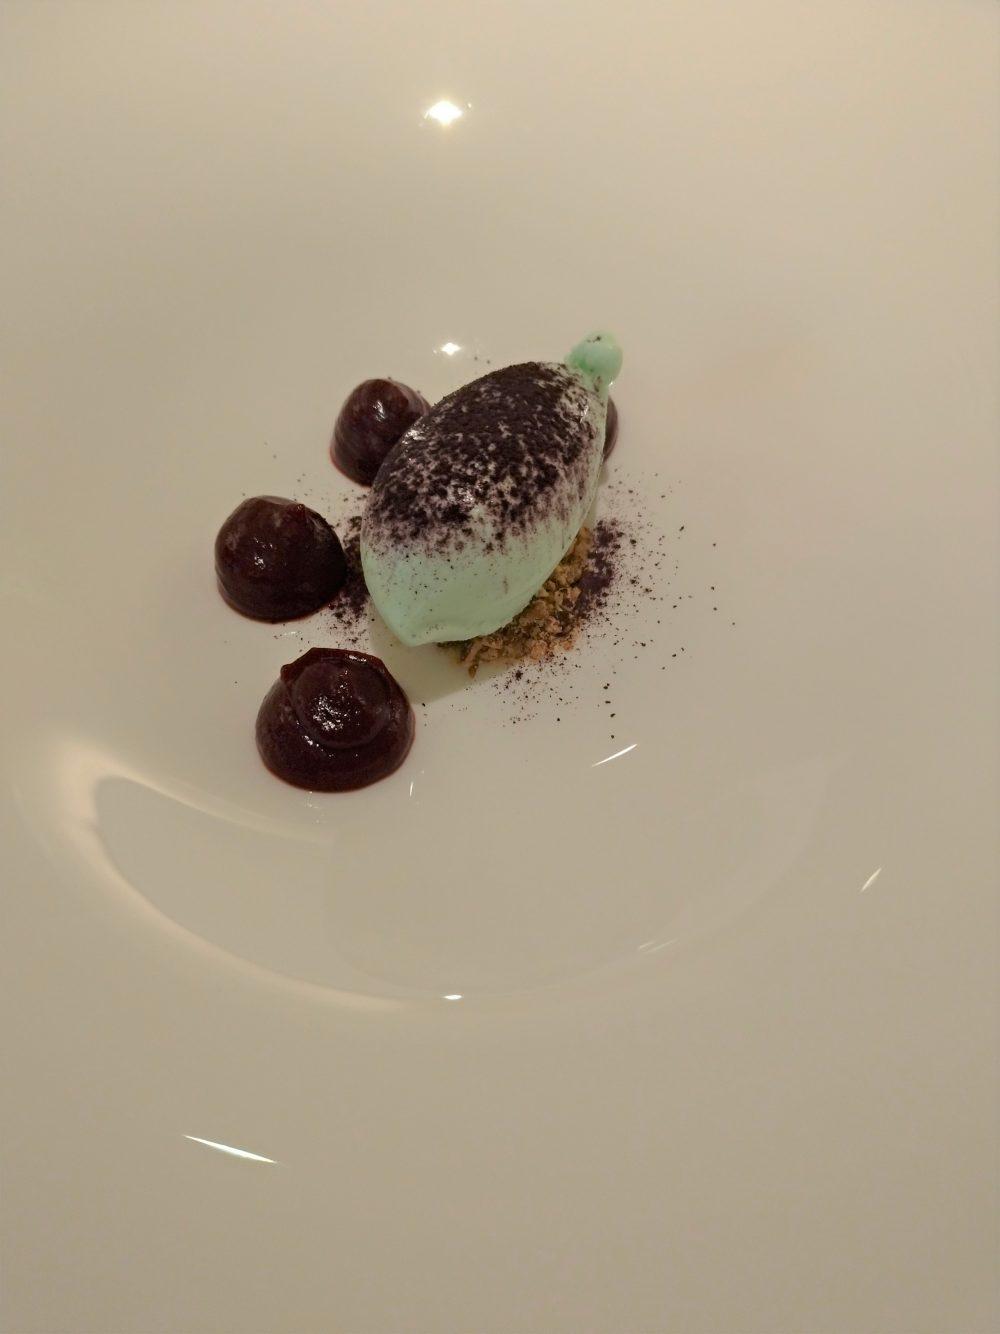 Magione Papale - Predessert - Crumble di mandorle tostate, gelato al rosmarino, riduzione di more e polvere di more